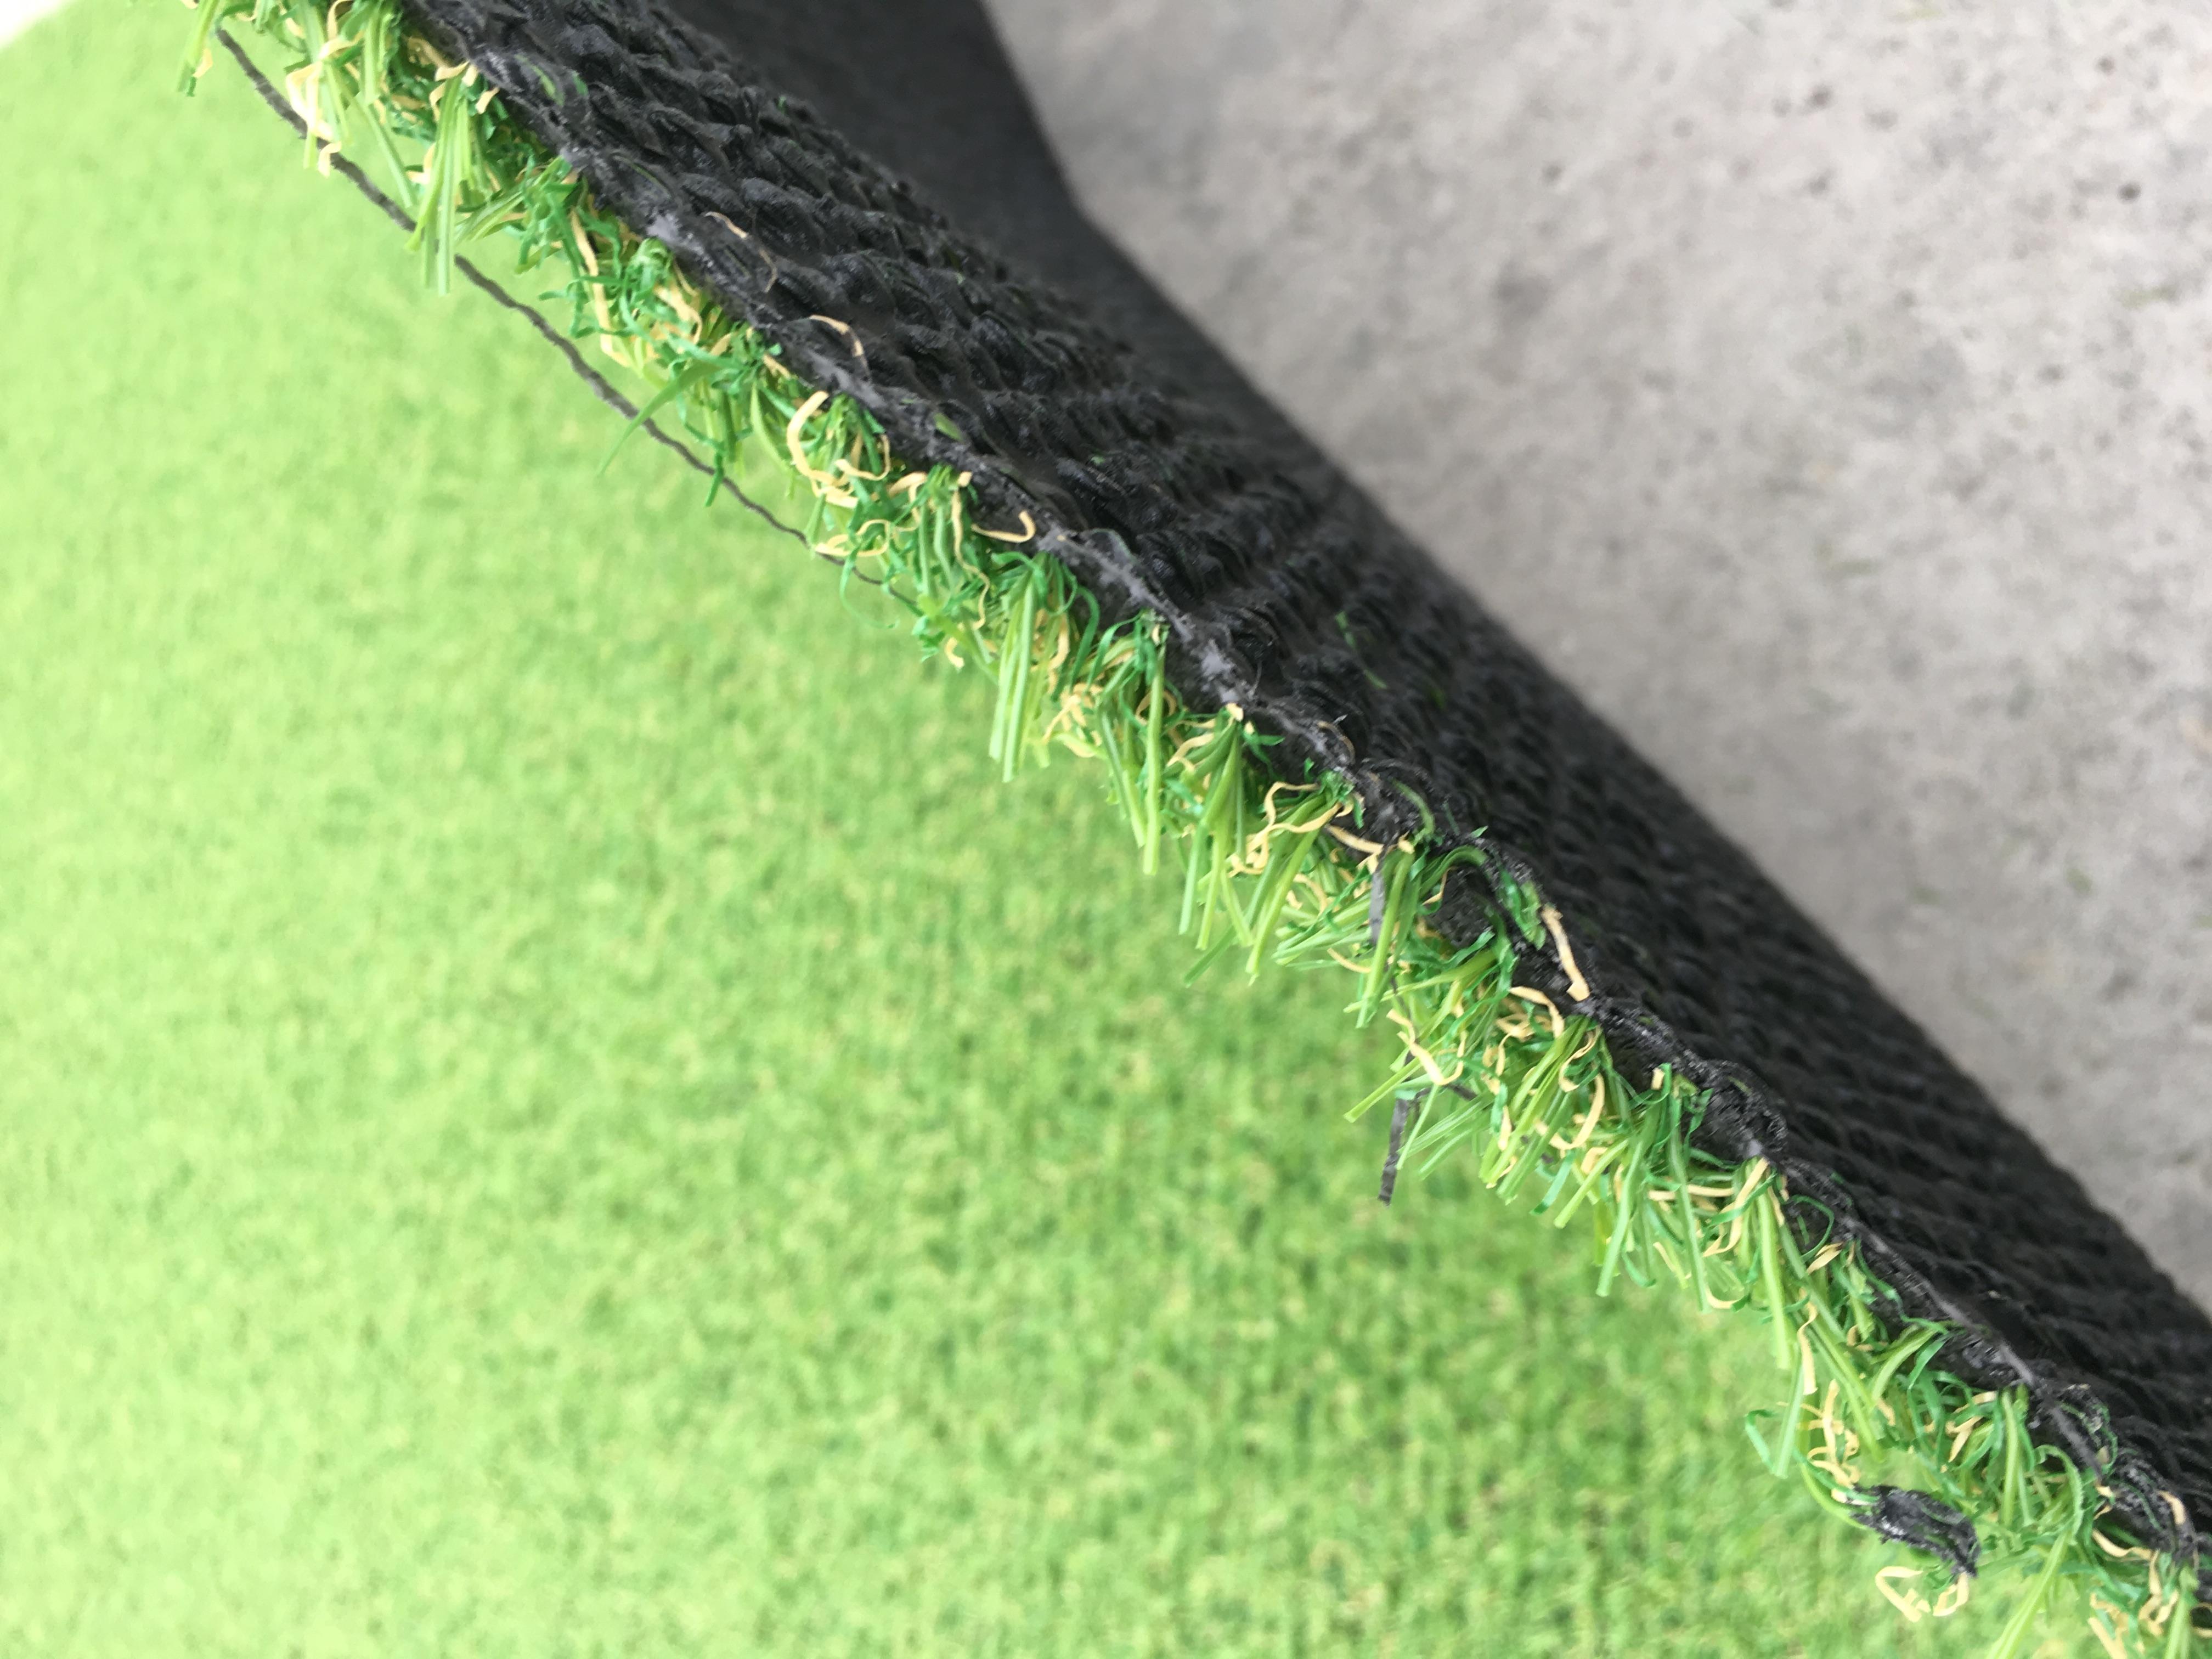 Covor Iarba Artificiala, Tip Gazon, Verde, Natura, 100% Polipropilena, 10 mm, 100x400 cm 1